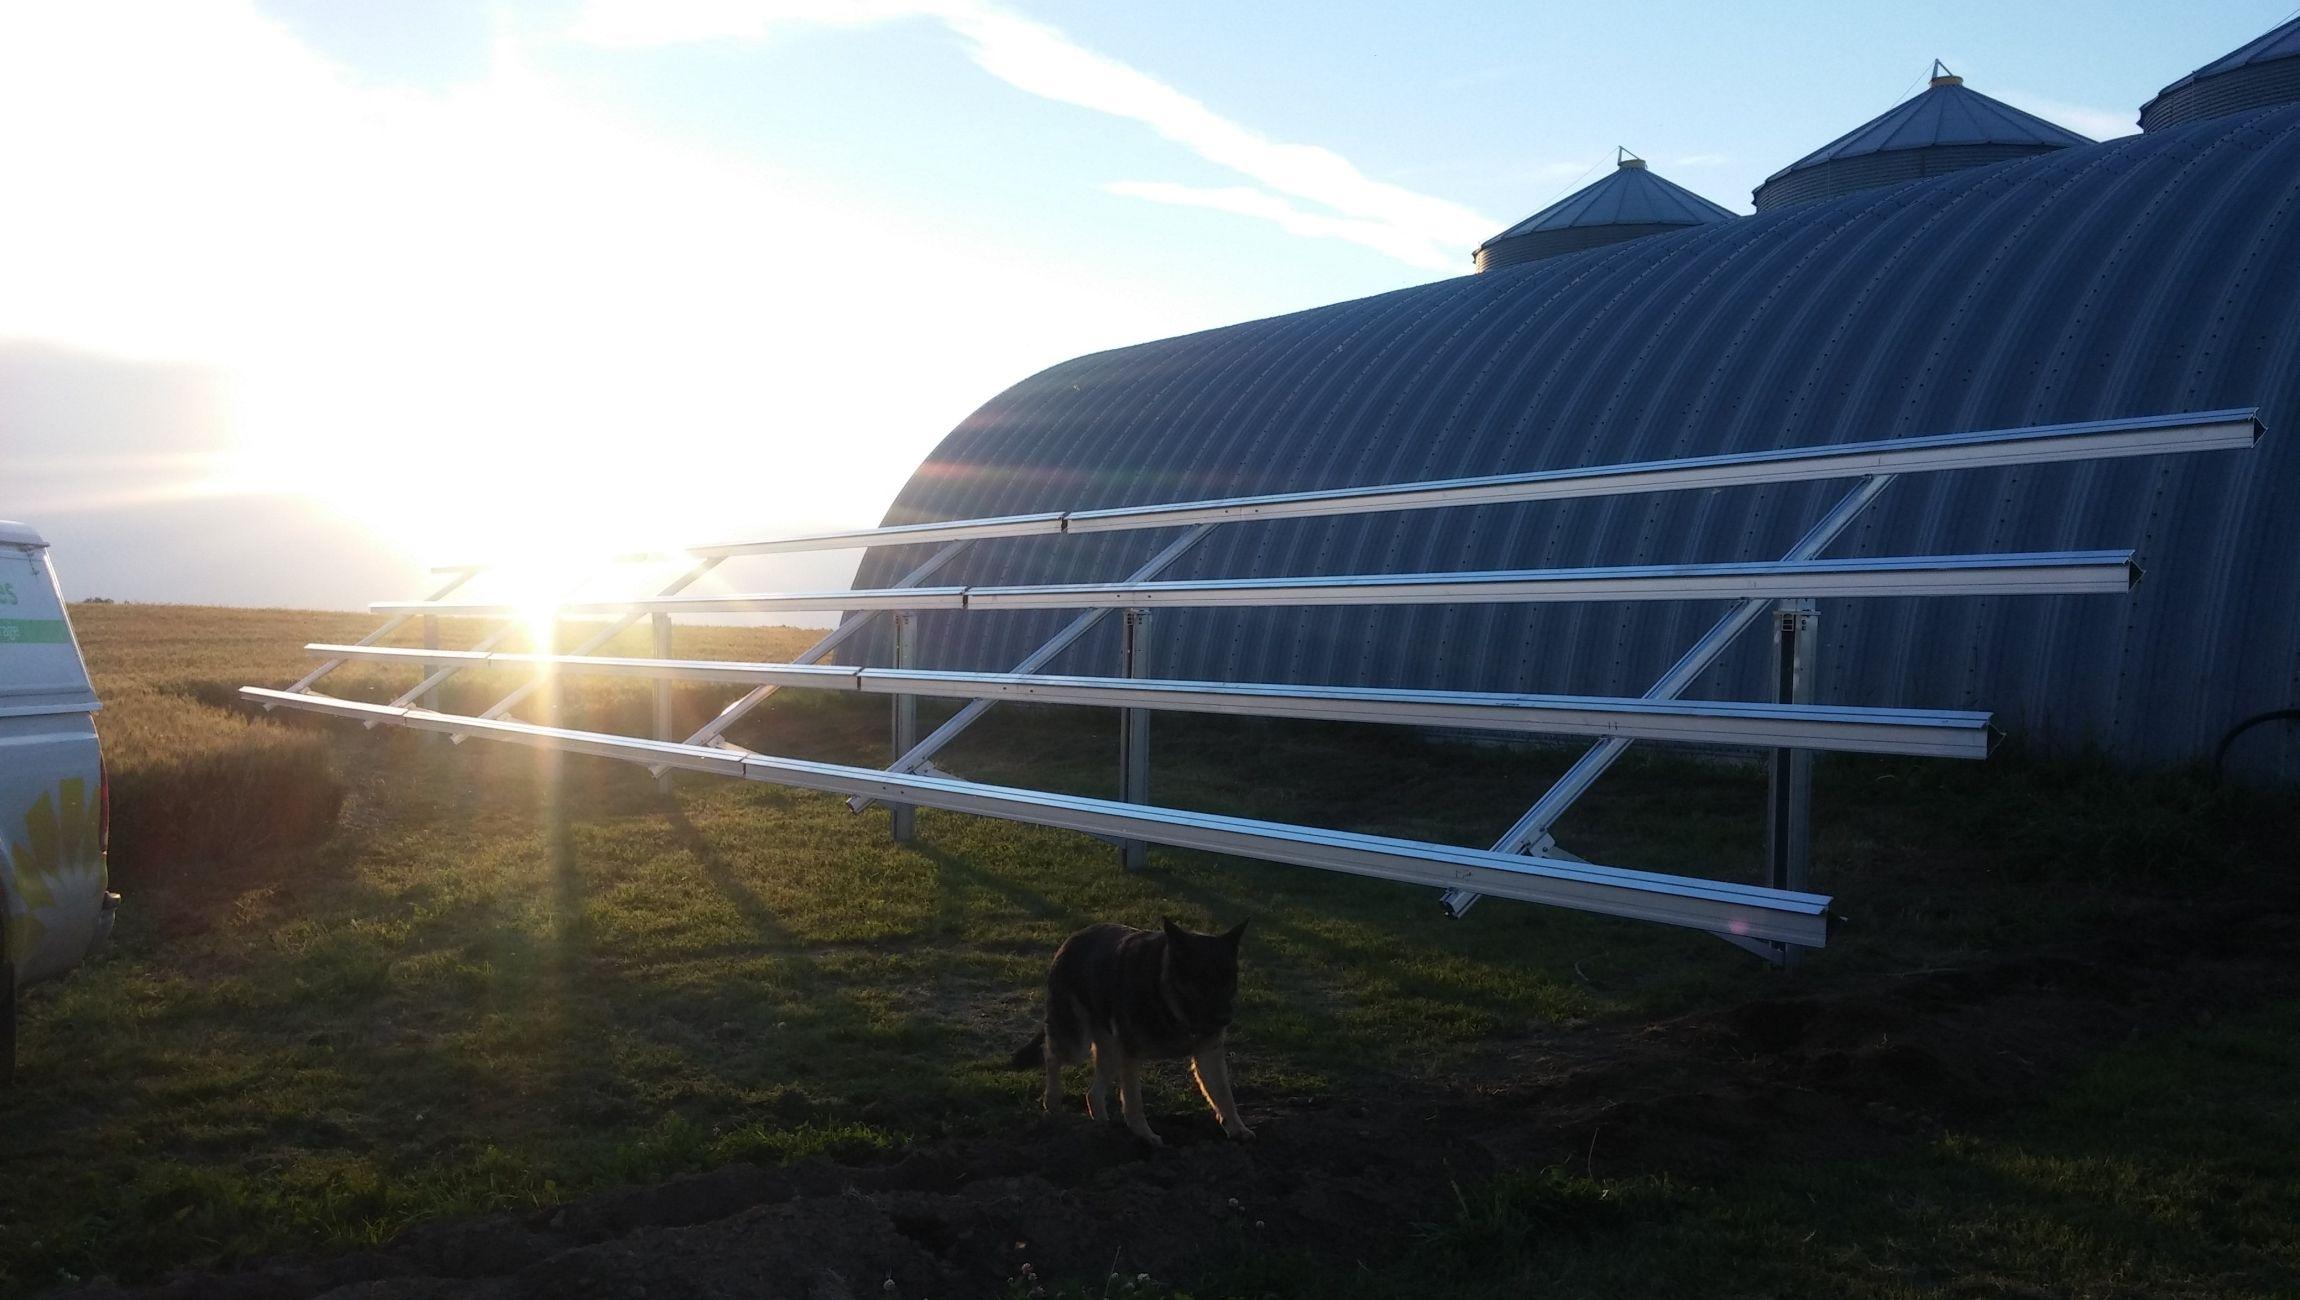 Schletter solar racking